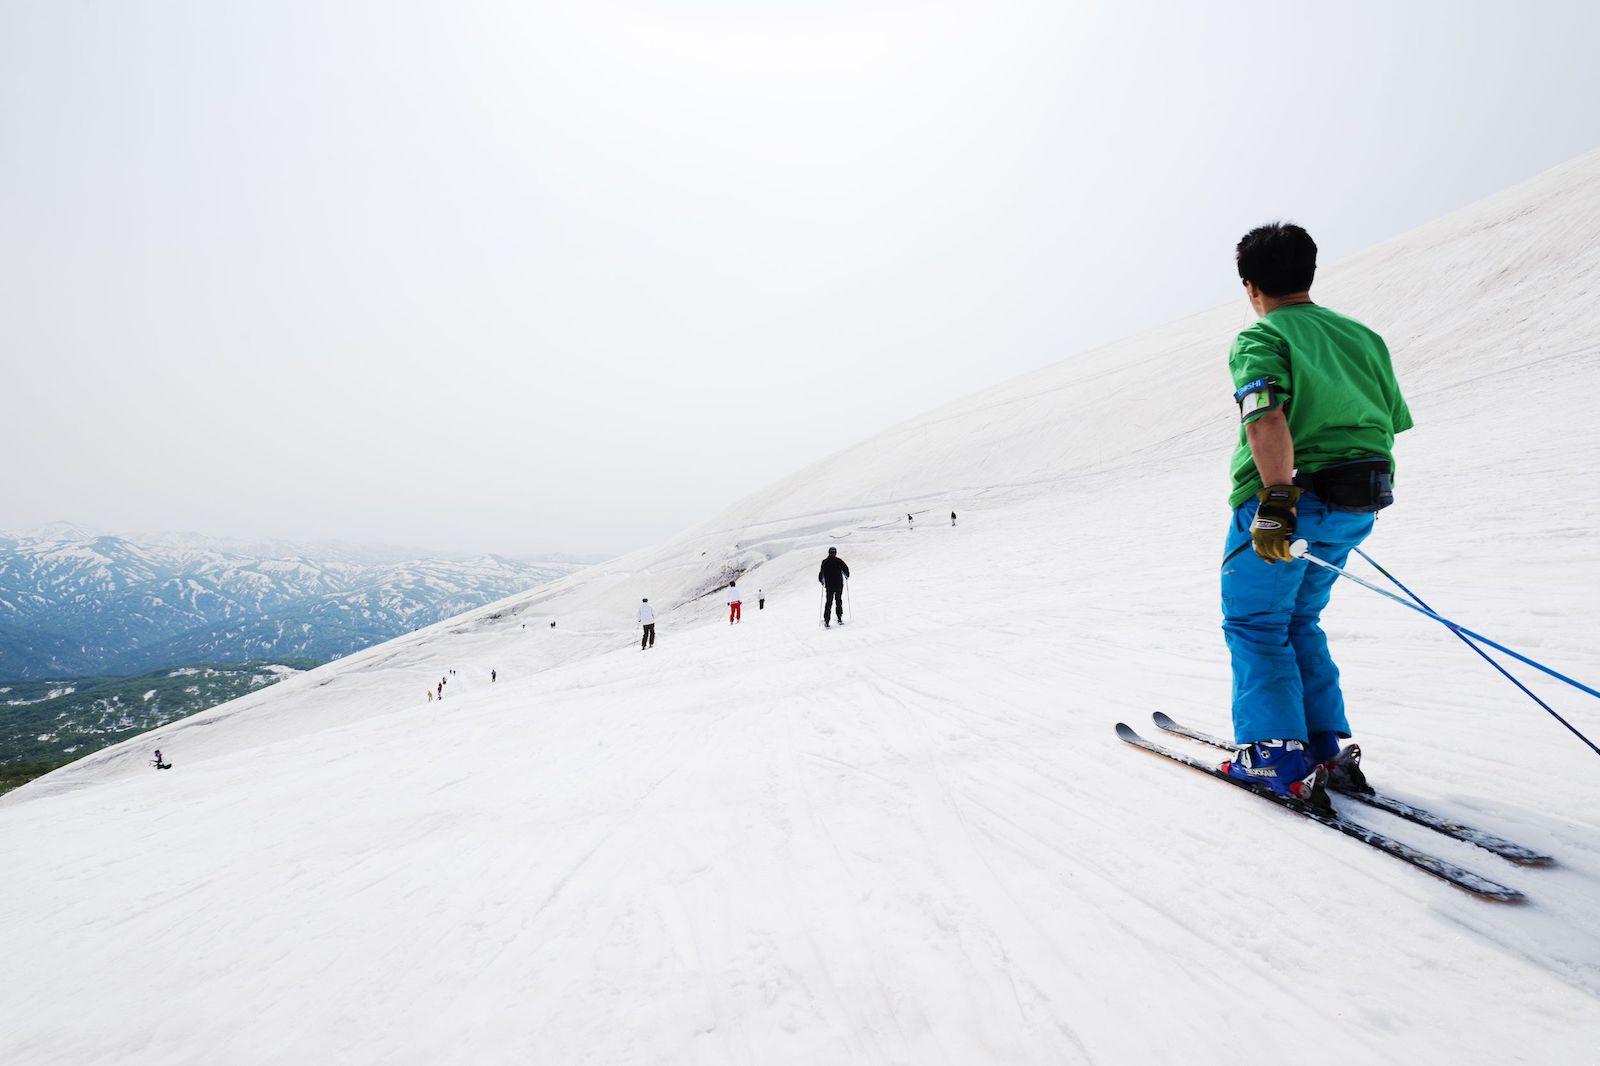 月山スキー場オープン/雪の回廊